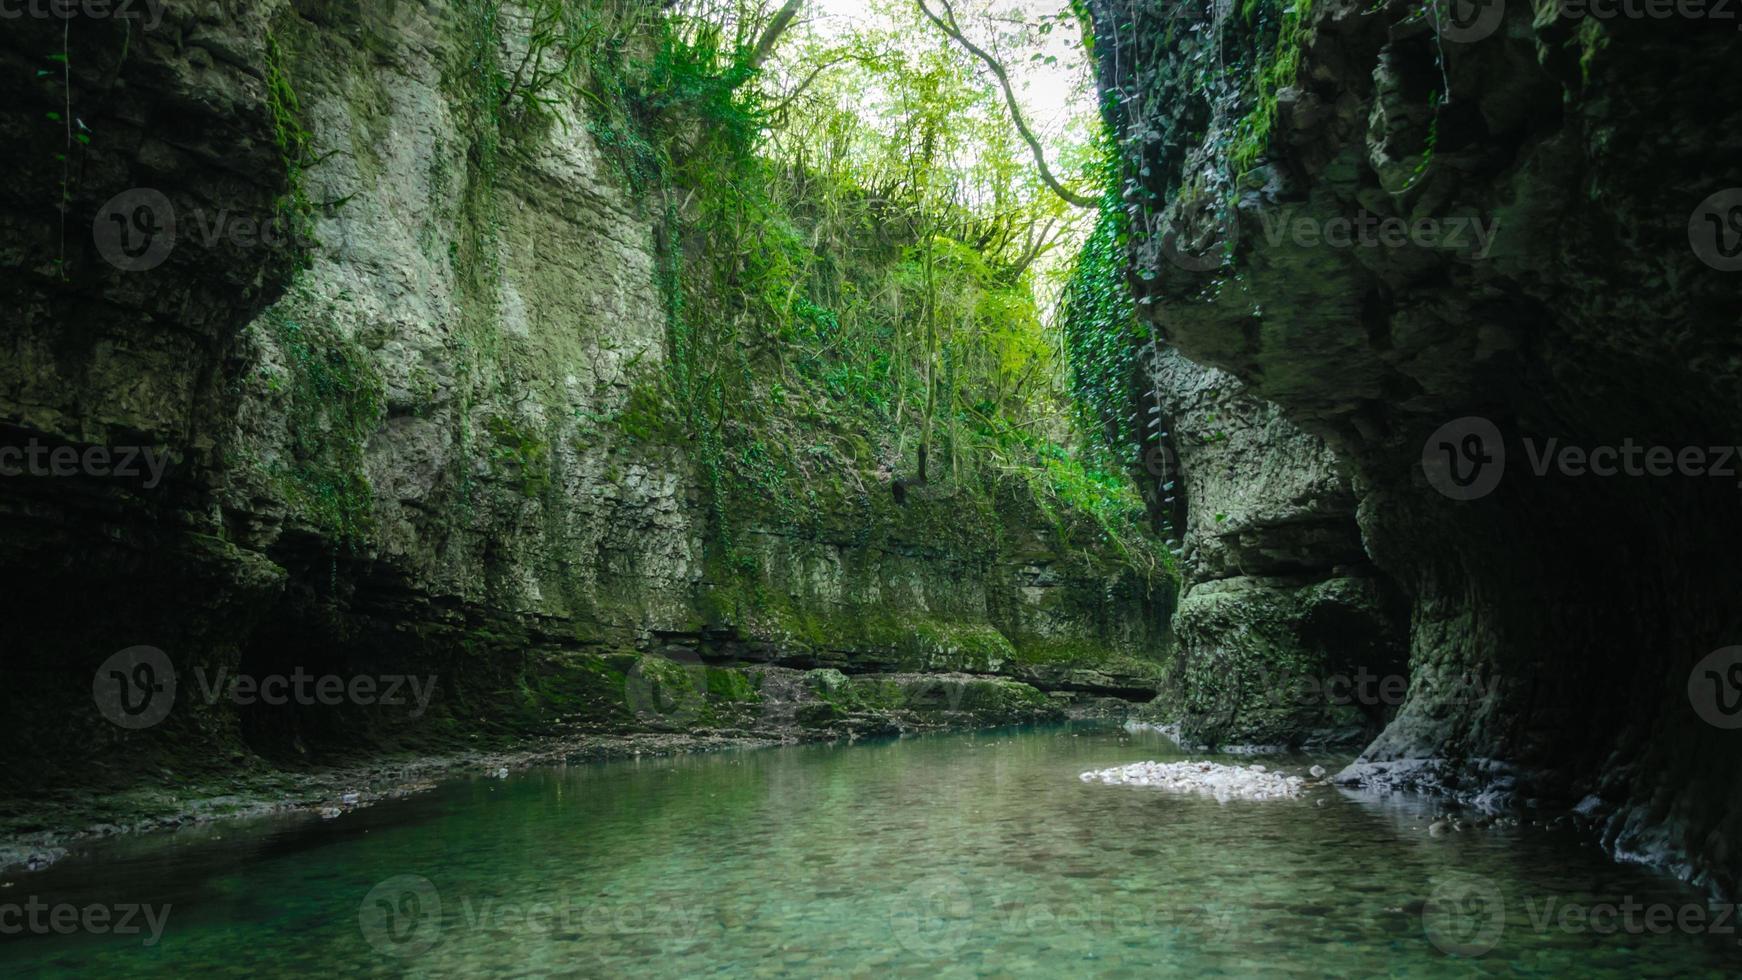 río en las montañas con plantas verdes. foto